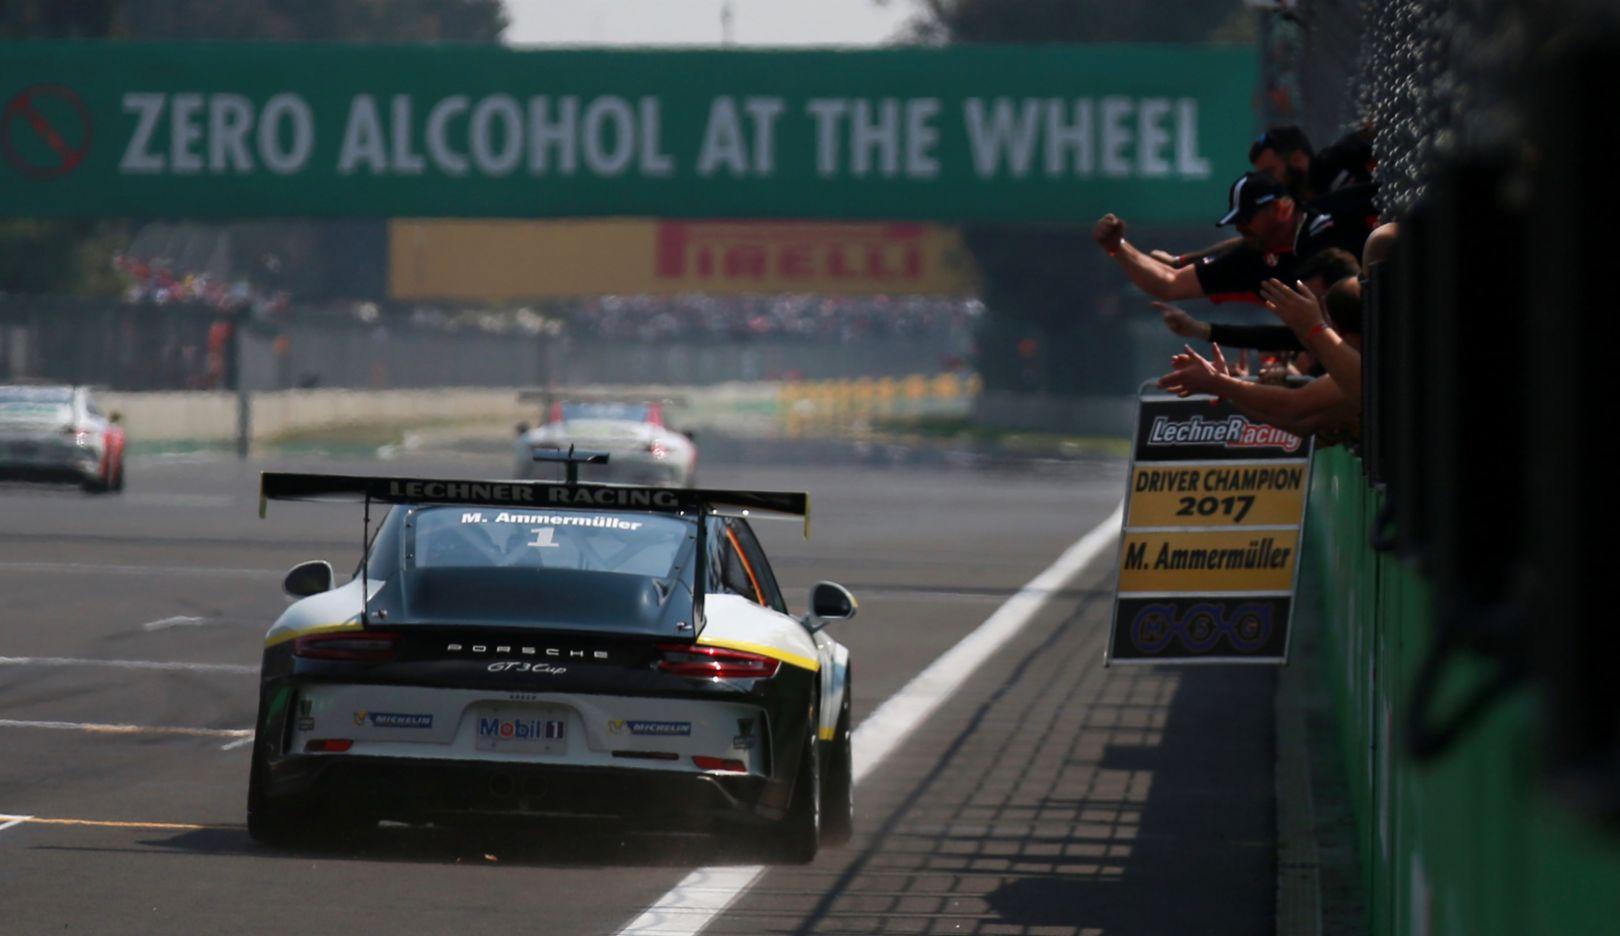 911 GT3 Cup, Porsche Mobil 1 Supercup, Race 11, Mexico, 2017, Porsche AG